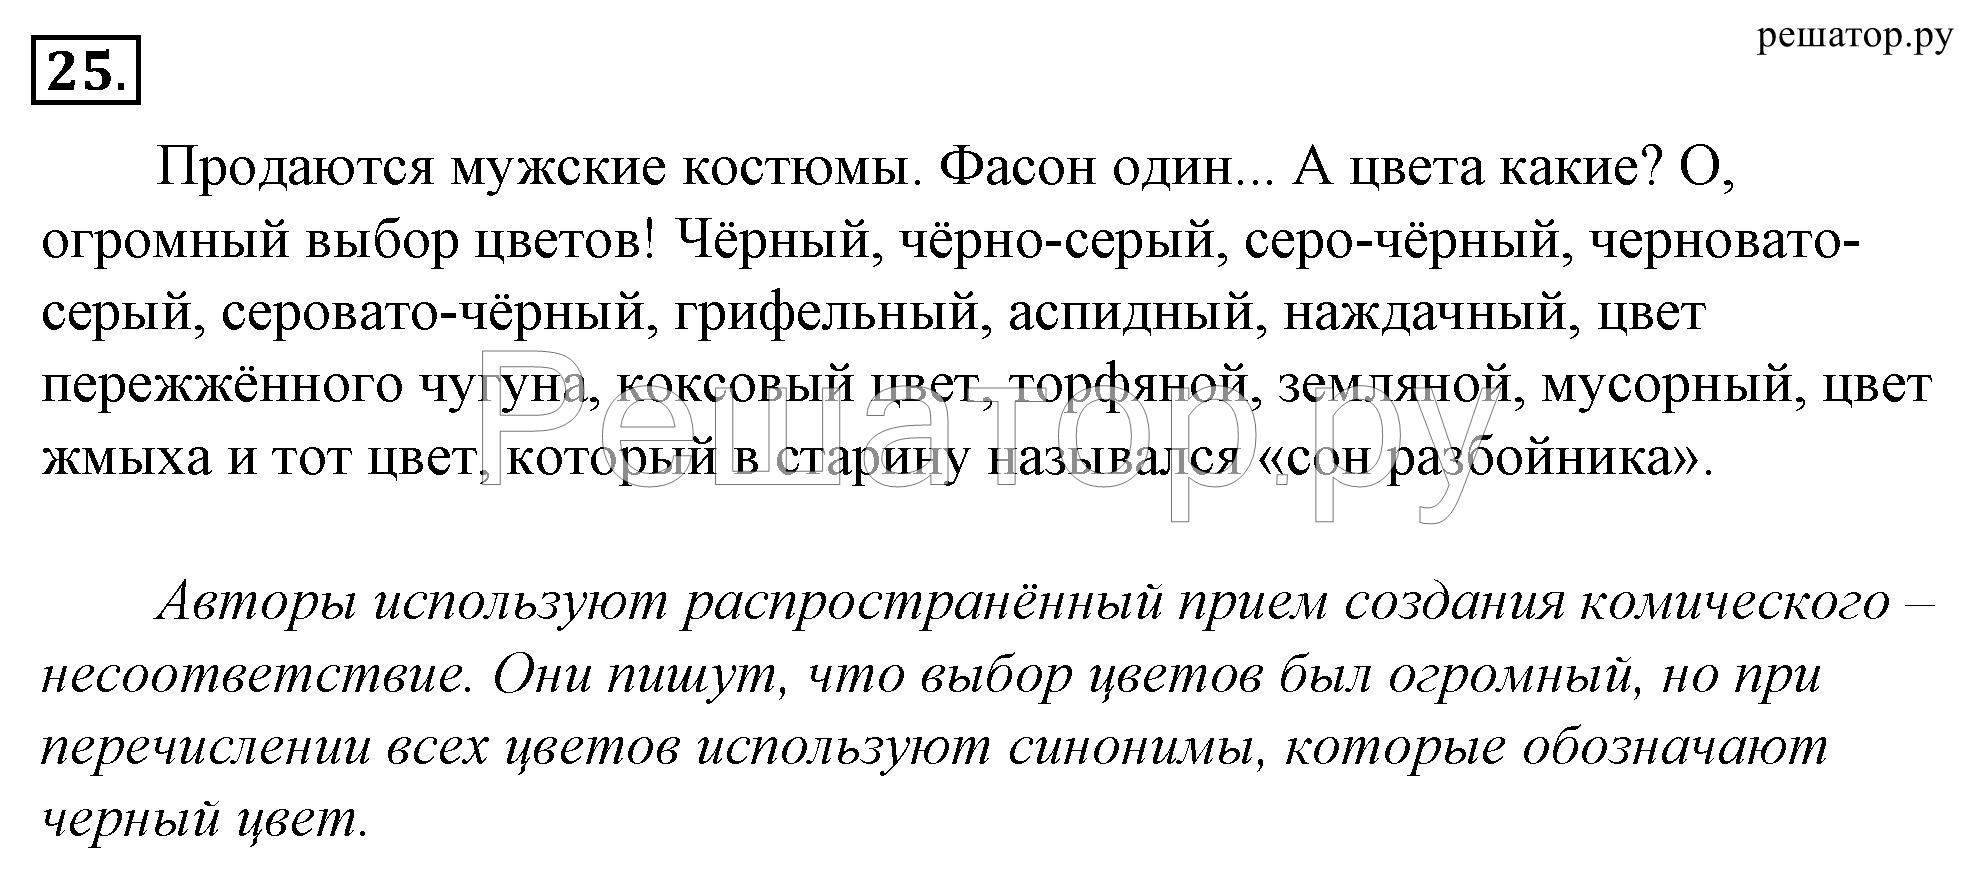 Гольцова и шамшин гдз по русскому 11 класс 2018 год